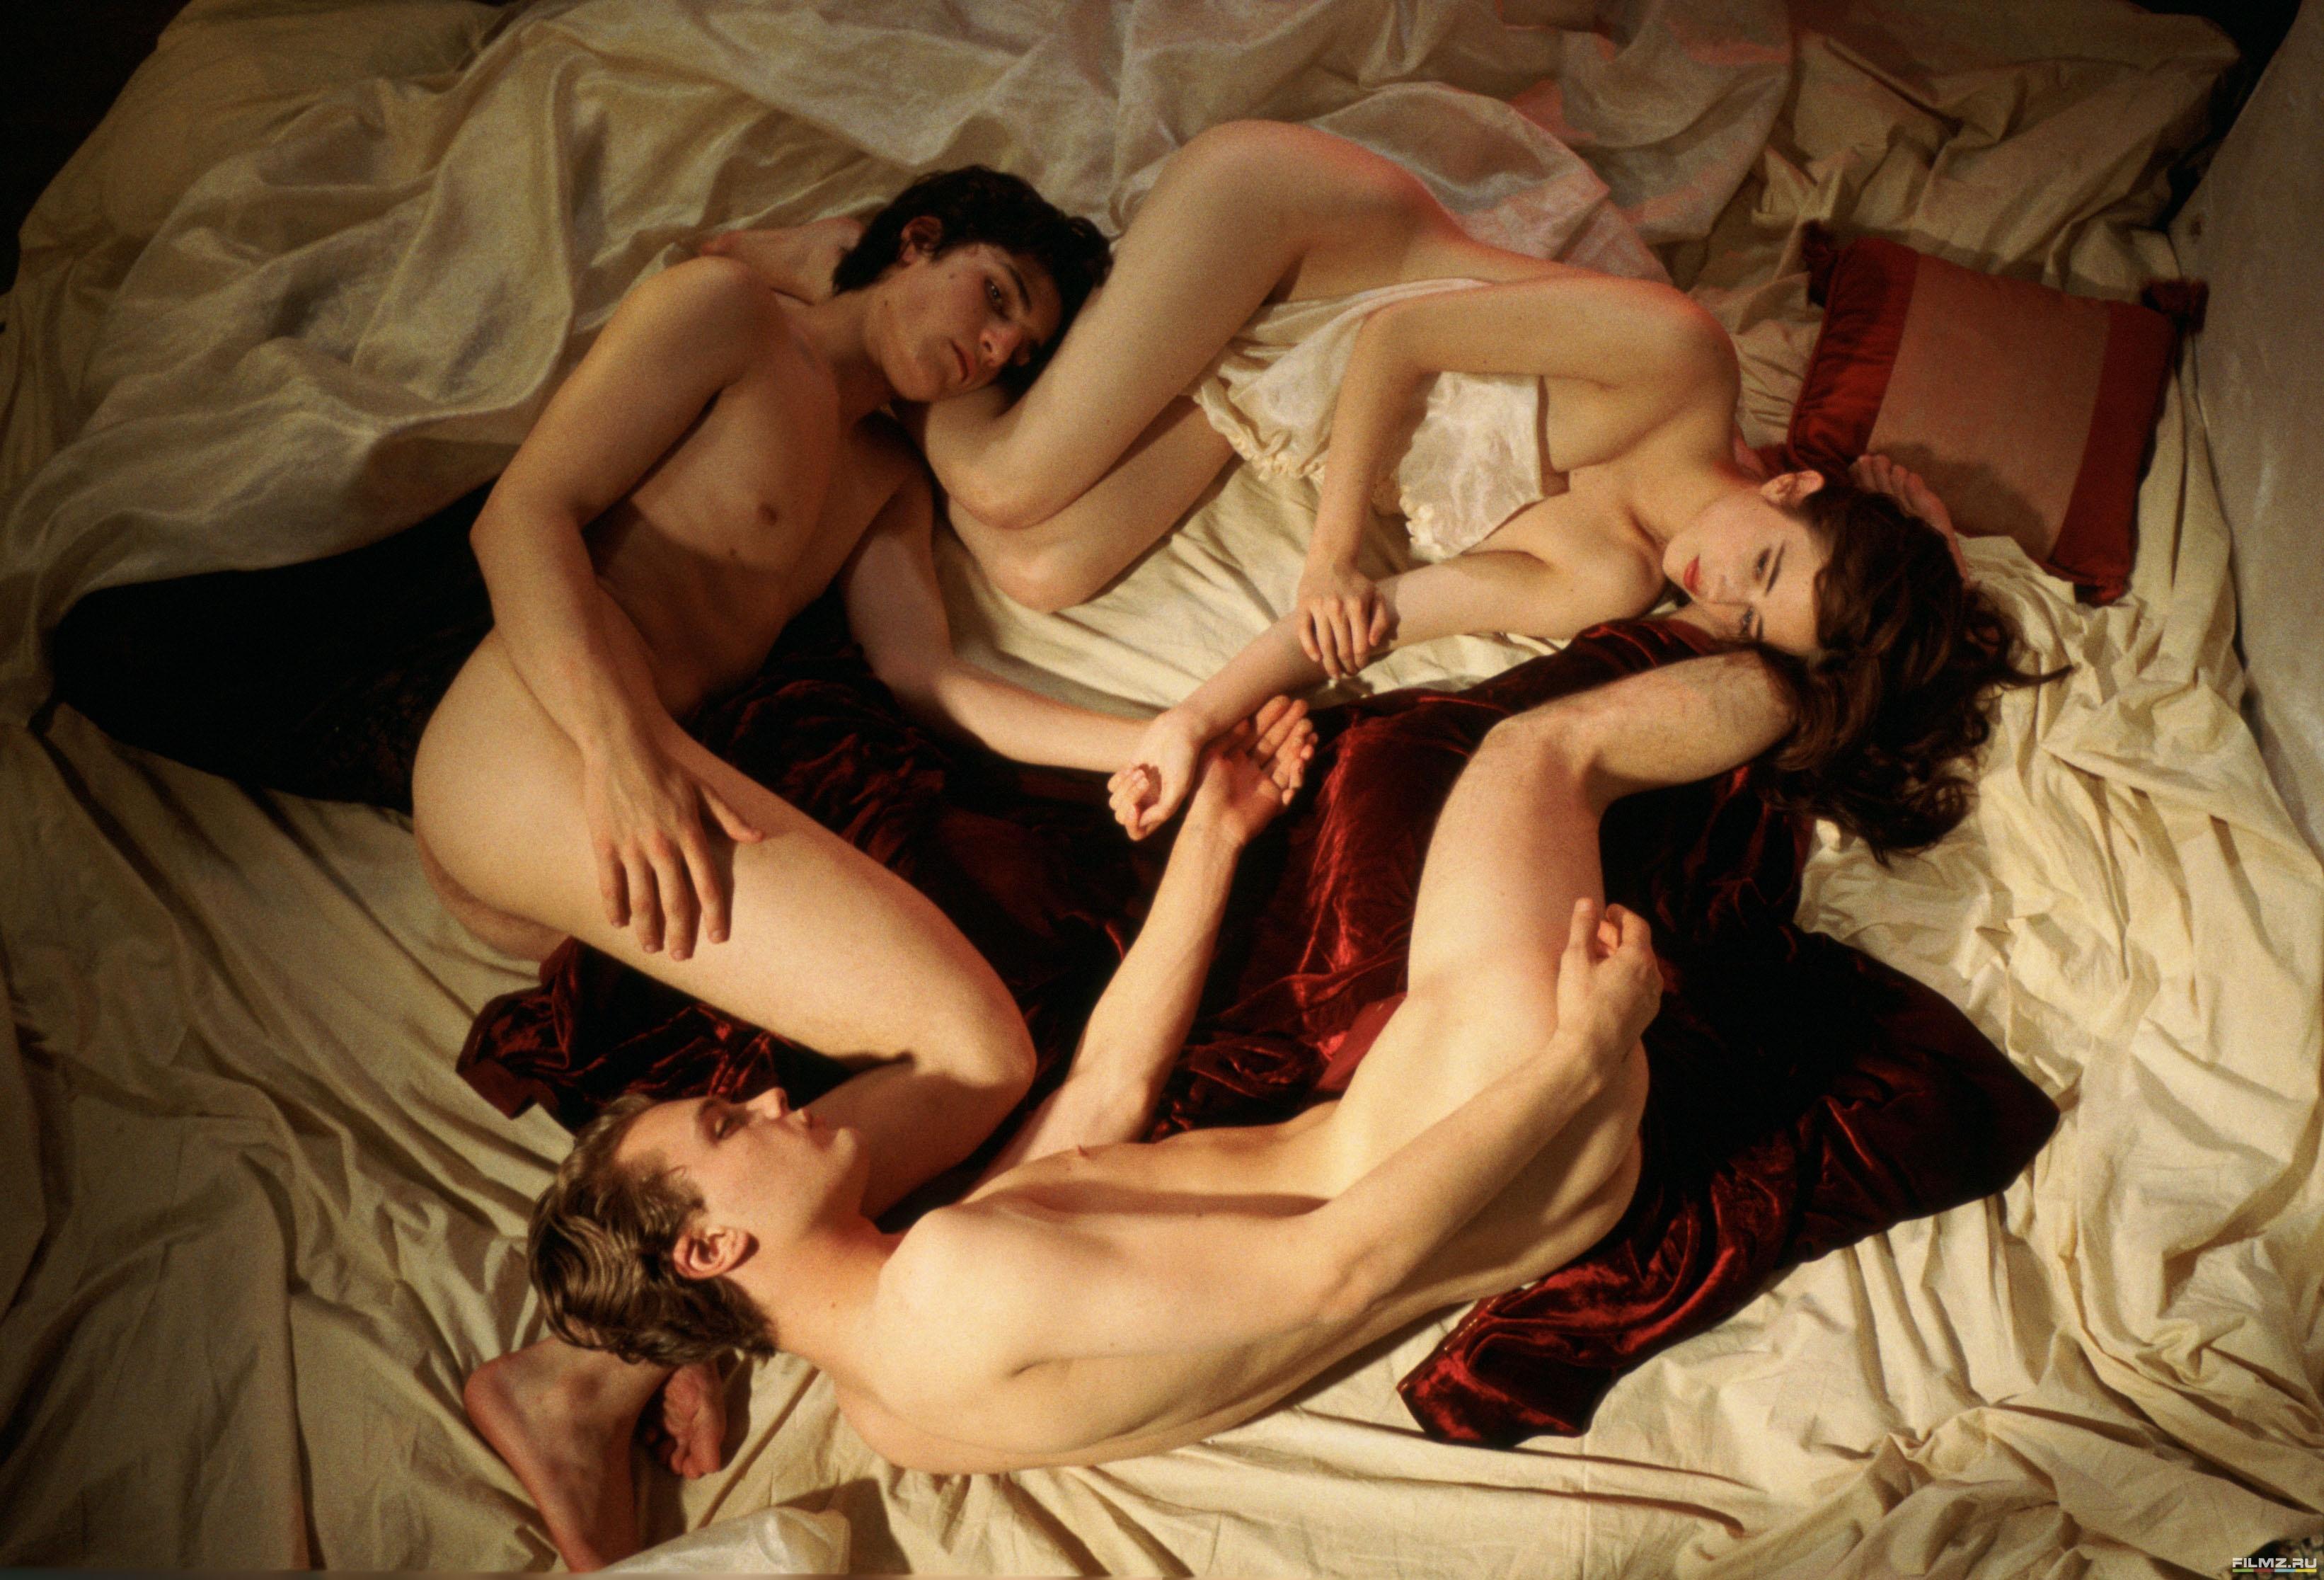 Секс с психологом смотреть онлайн 13 фотография